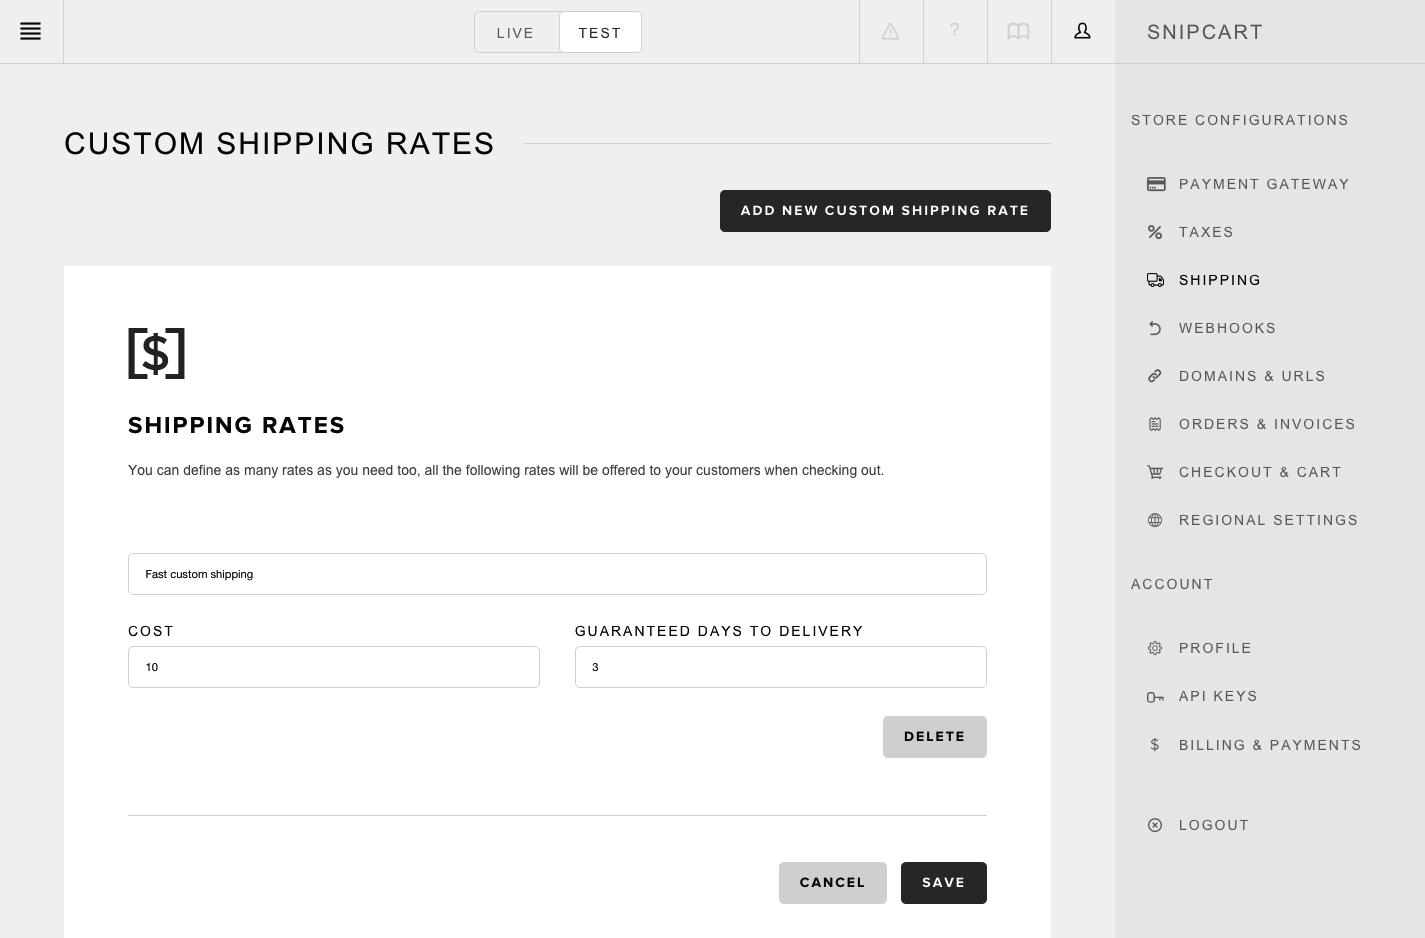 snipcart-docs-dashboard-custom-shipping